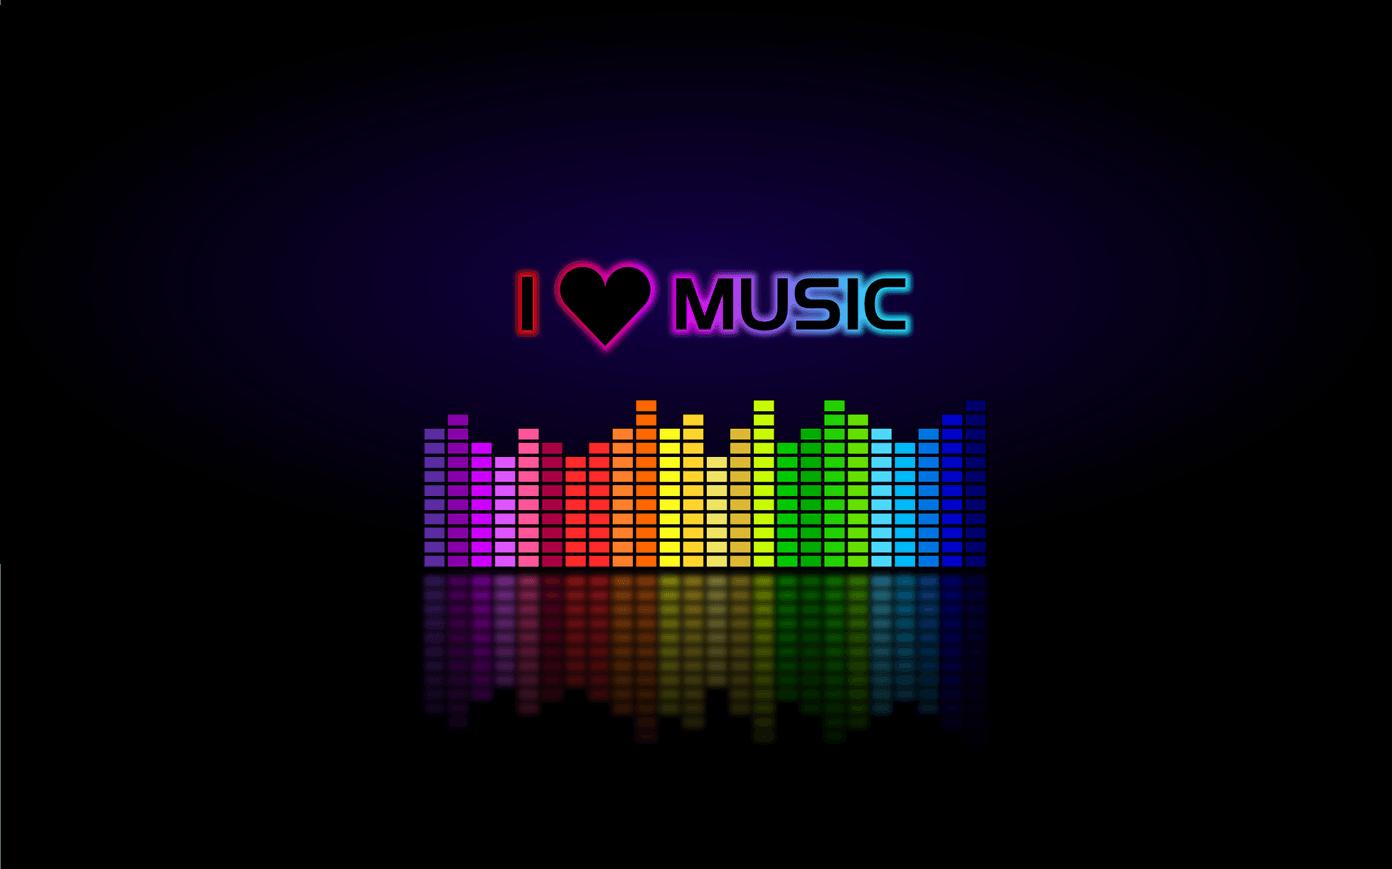 Música de YouTube vs. Música de Apple vs. Spotify: Cuál es el mejor servicio de transmisión de música por secuencias 1